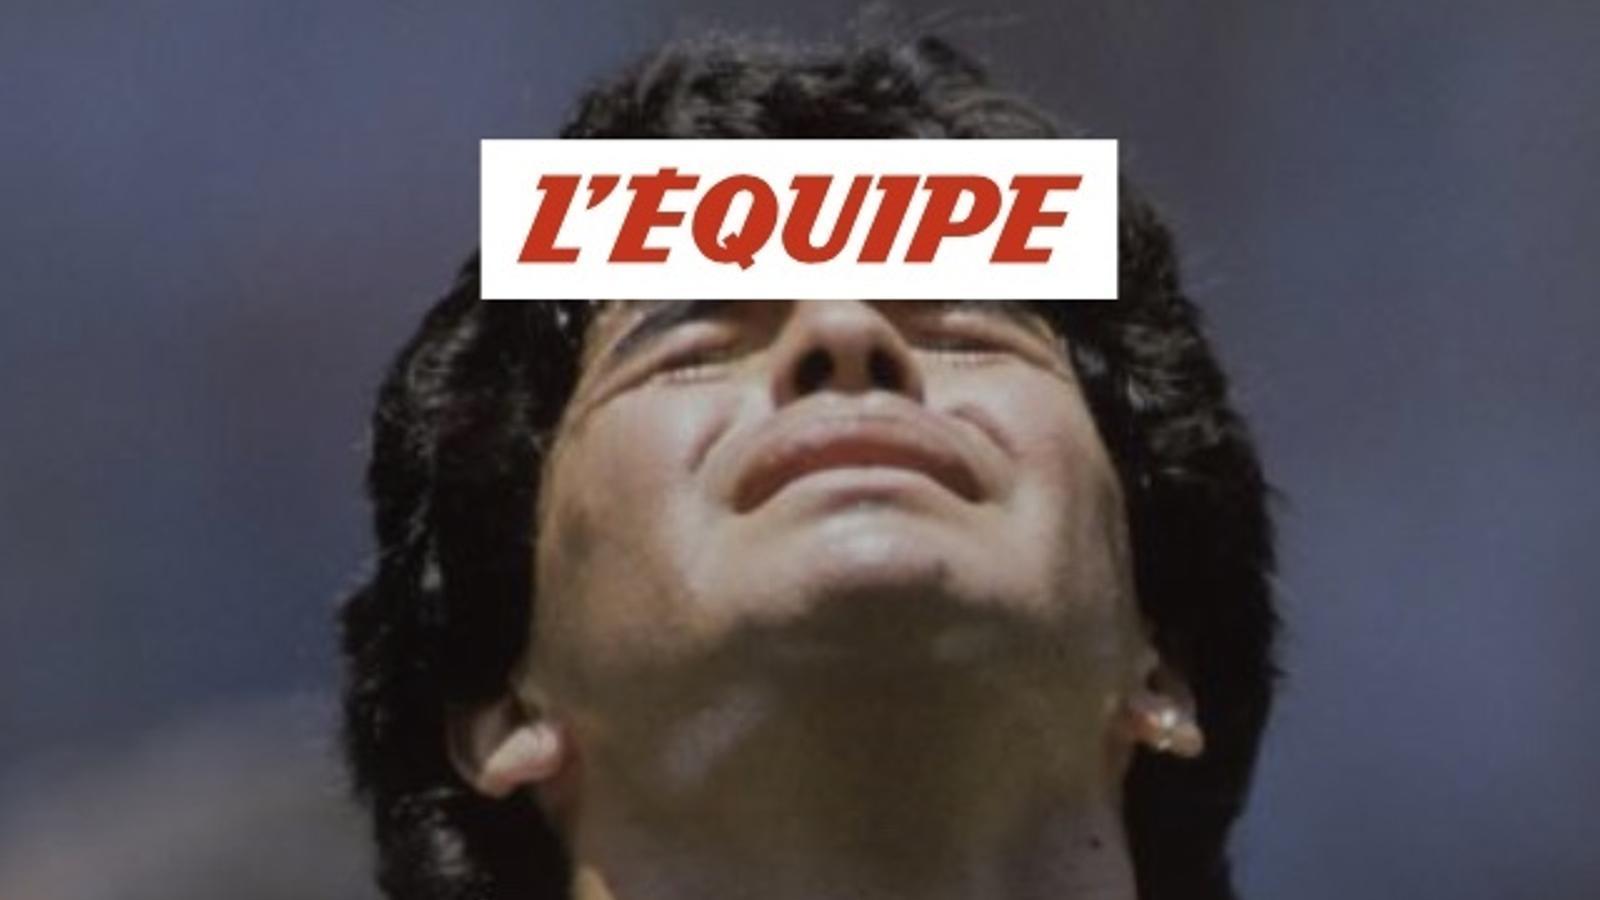 Una imatge de 'L'Équipe'